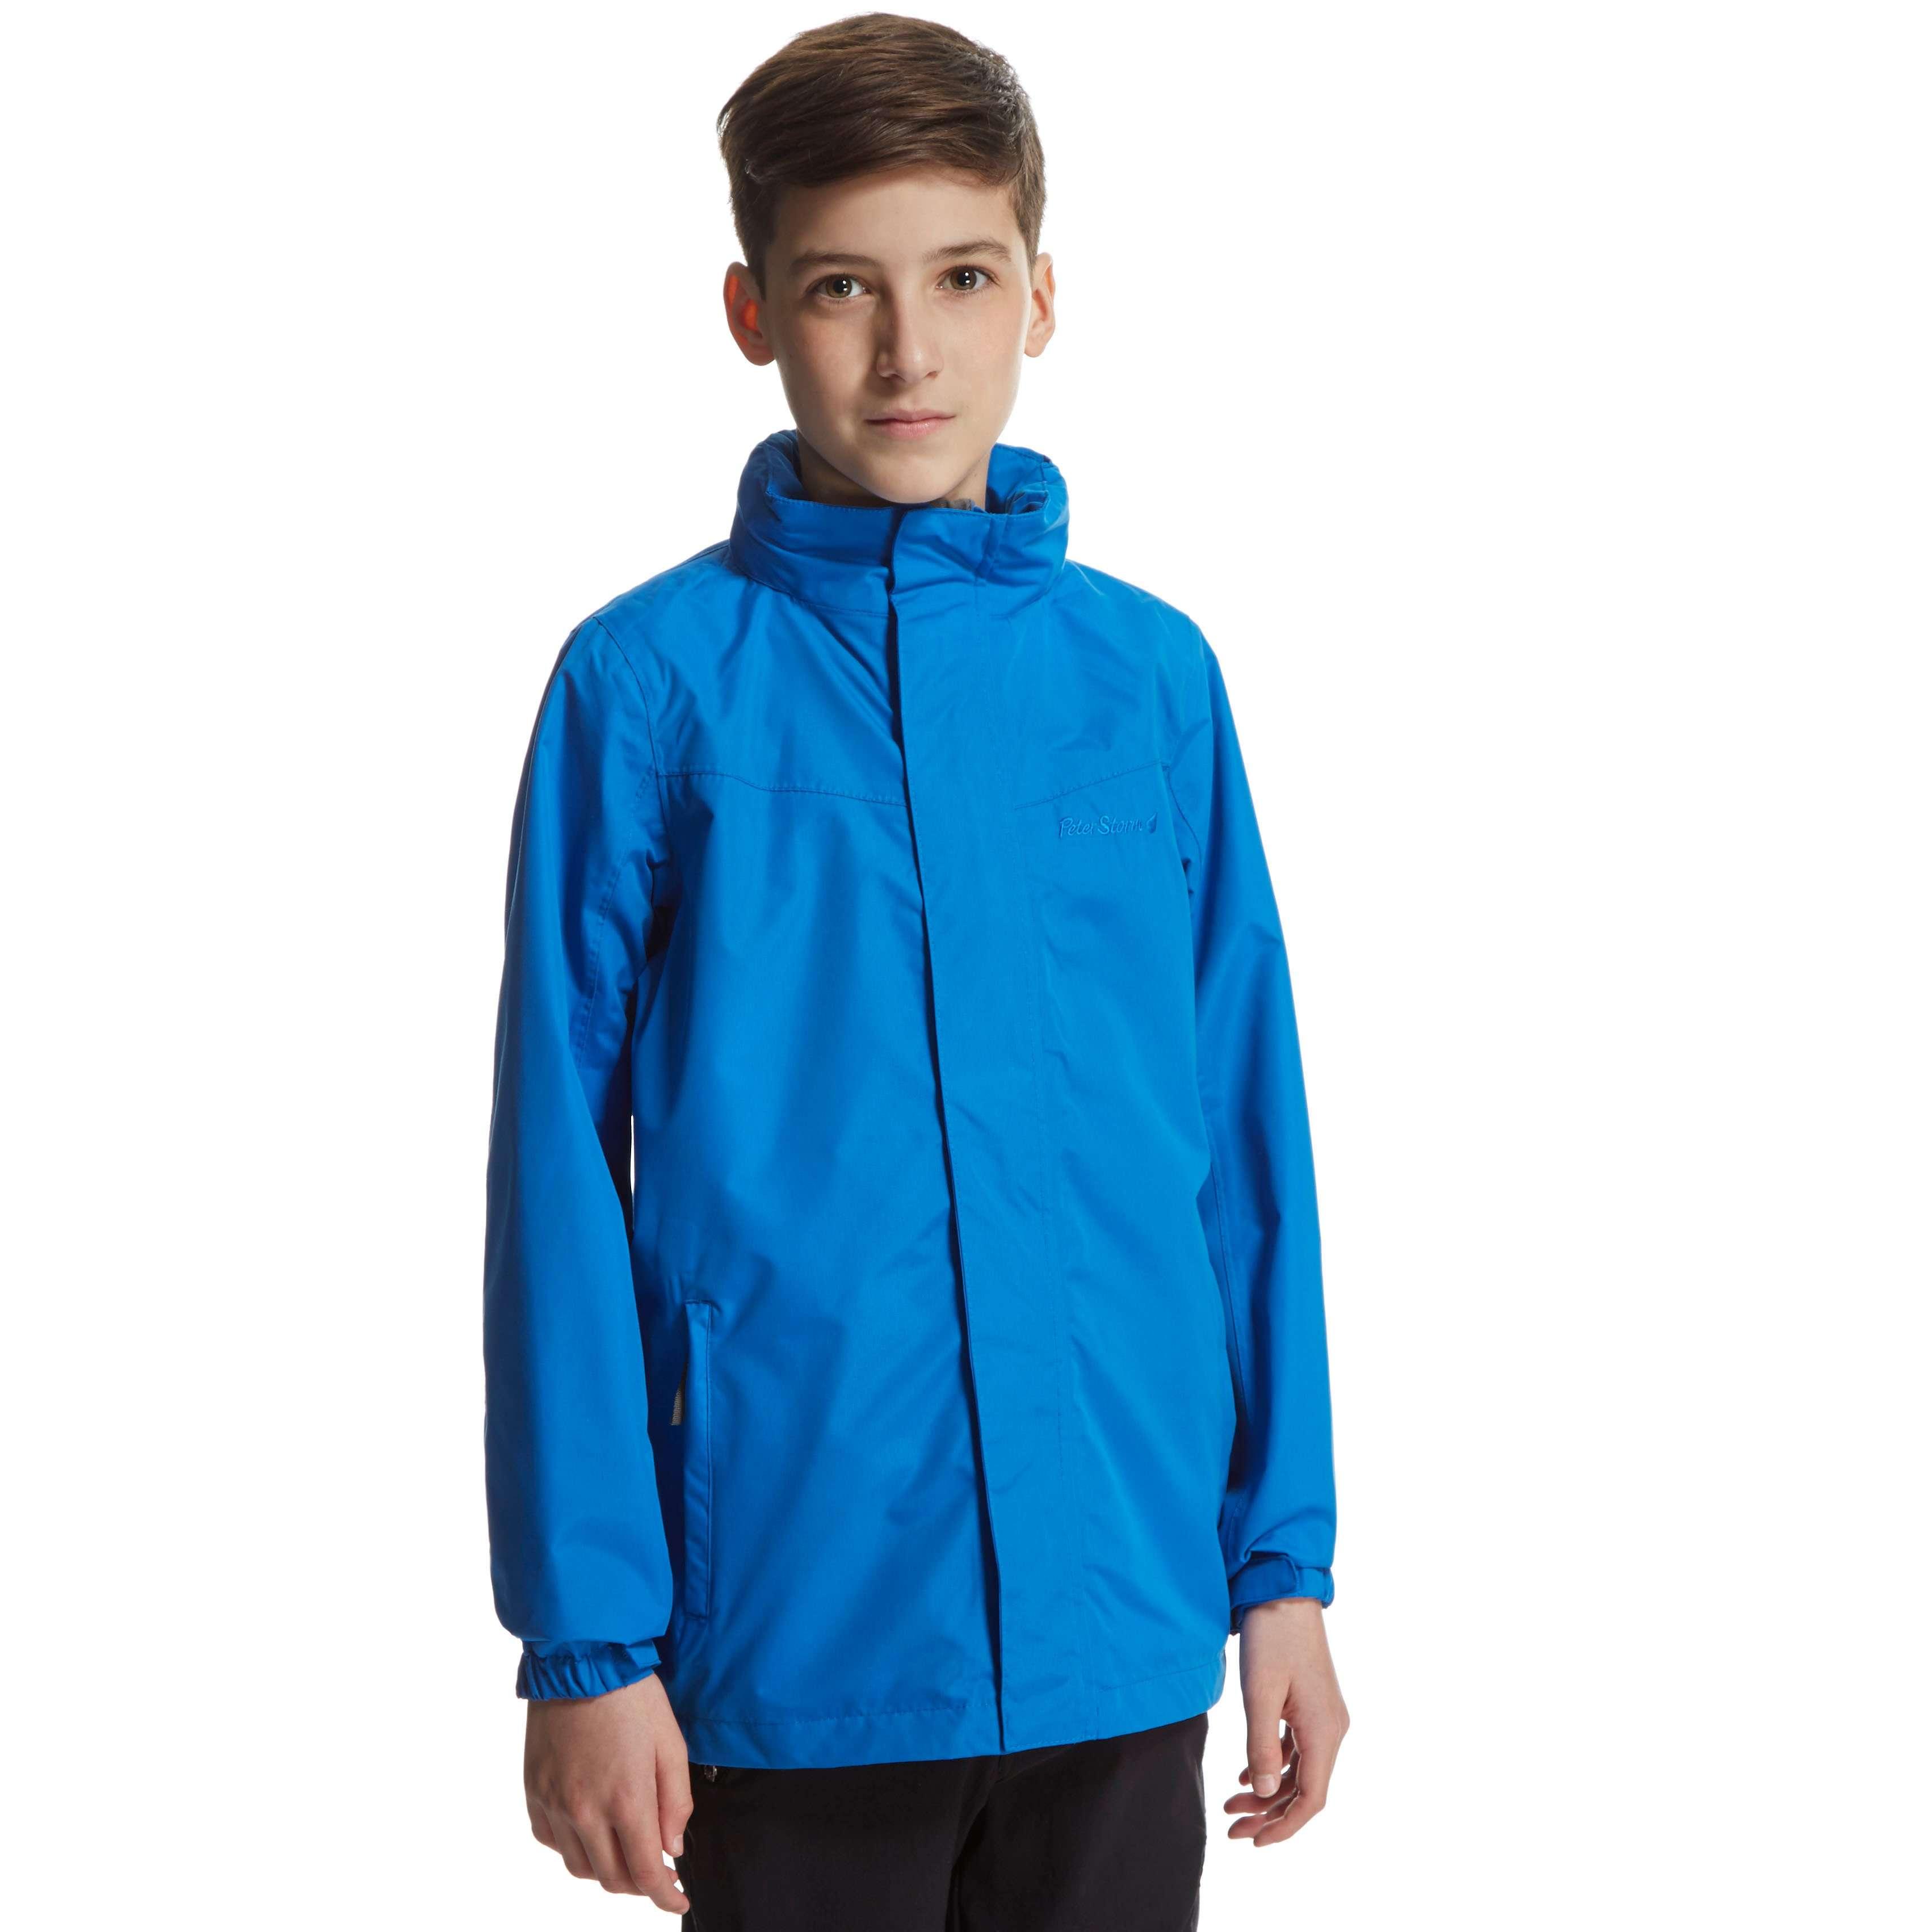 PETER STORM Boys' Peter II Waterproof Jacket